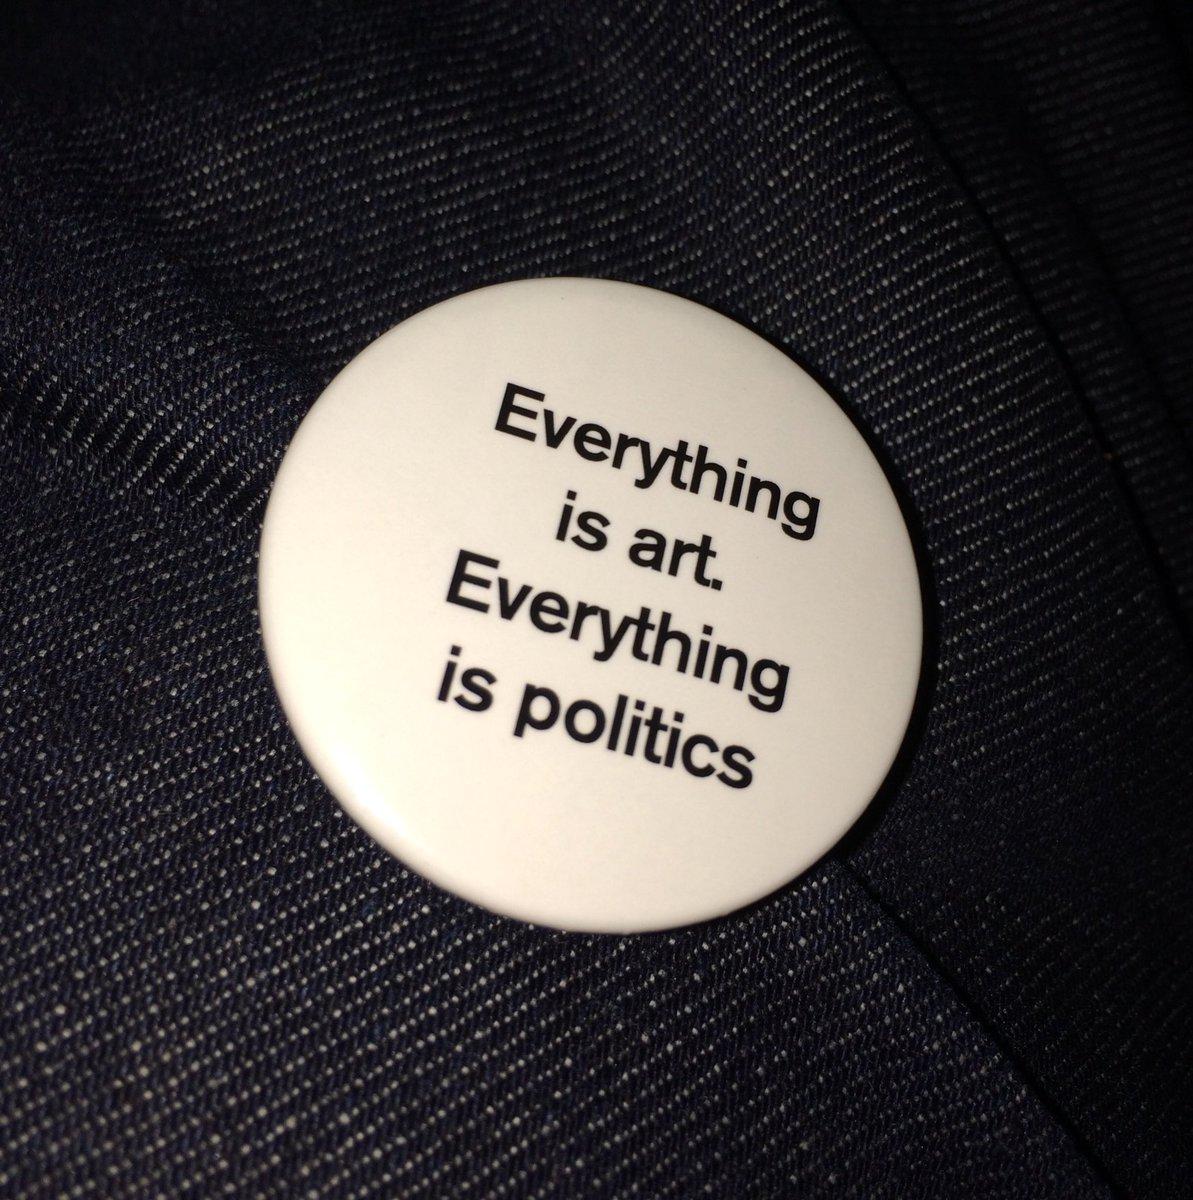 politicsaiweiwei